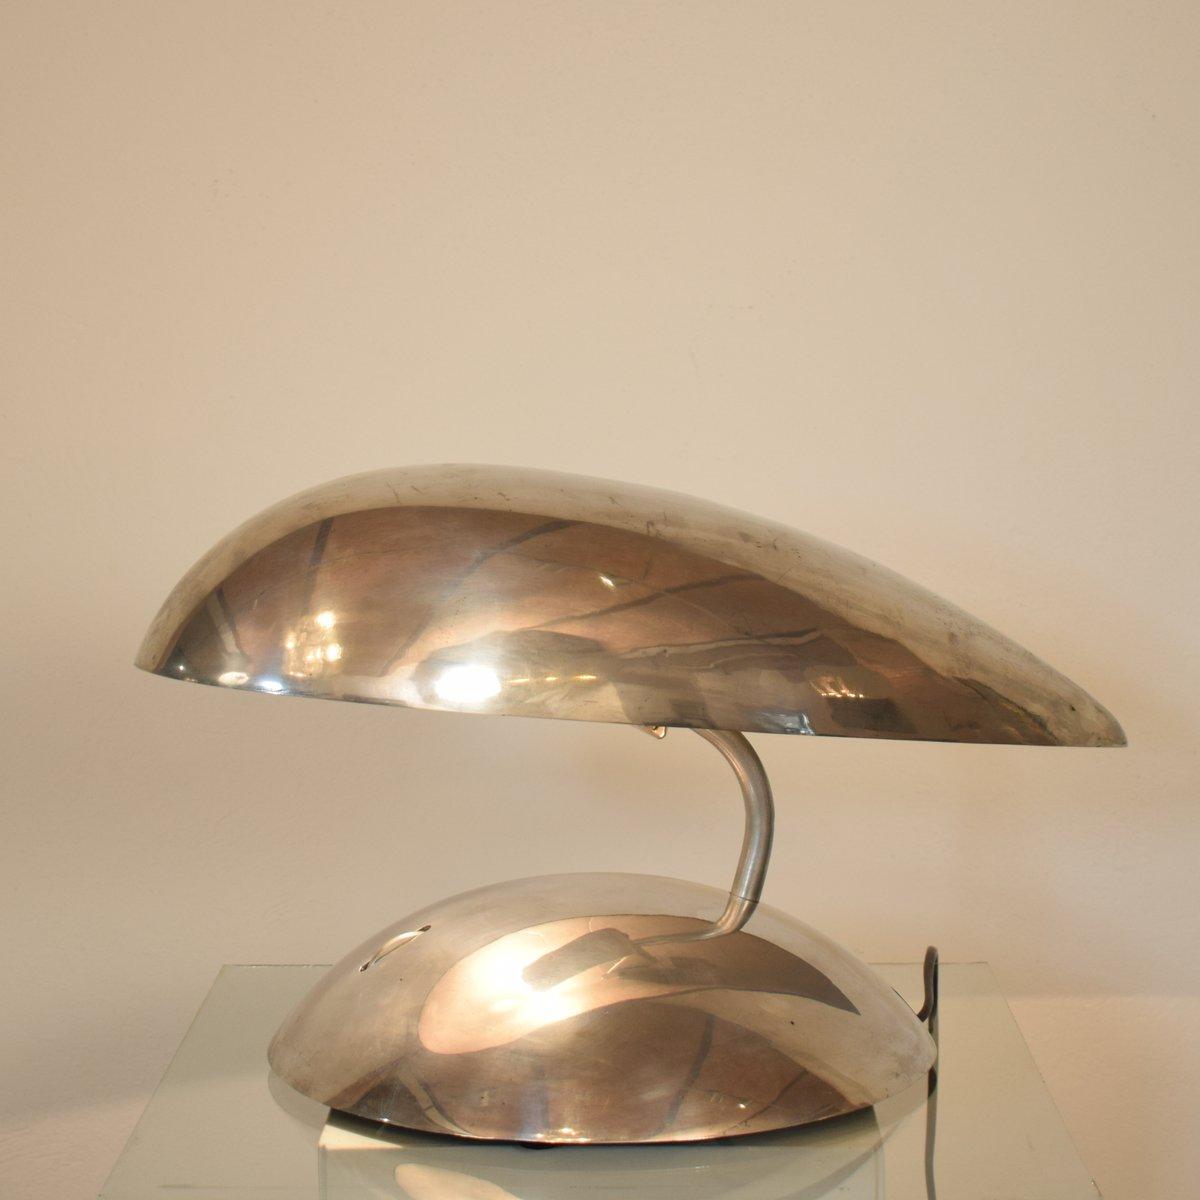 Space Age Tischlampe aus Poliertem Aluminium, 1980er